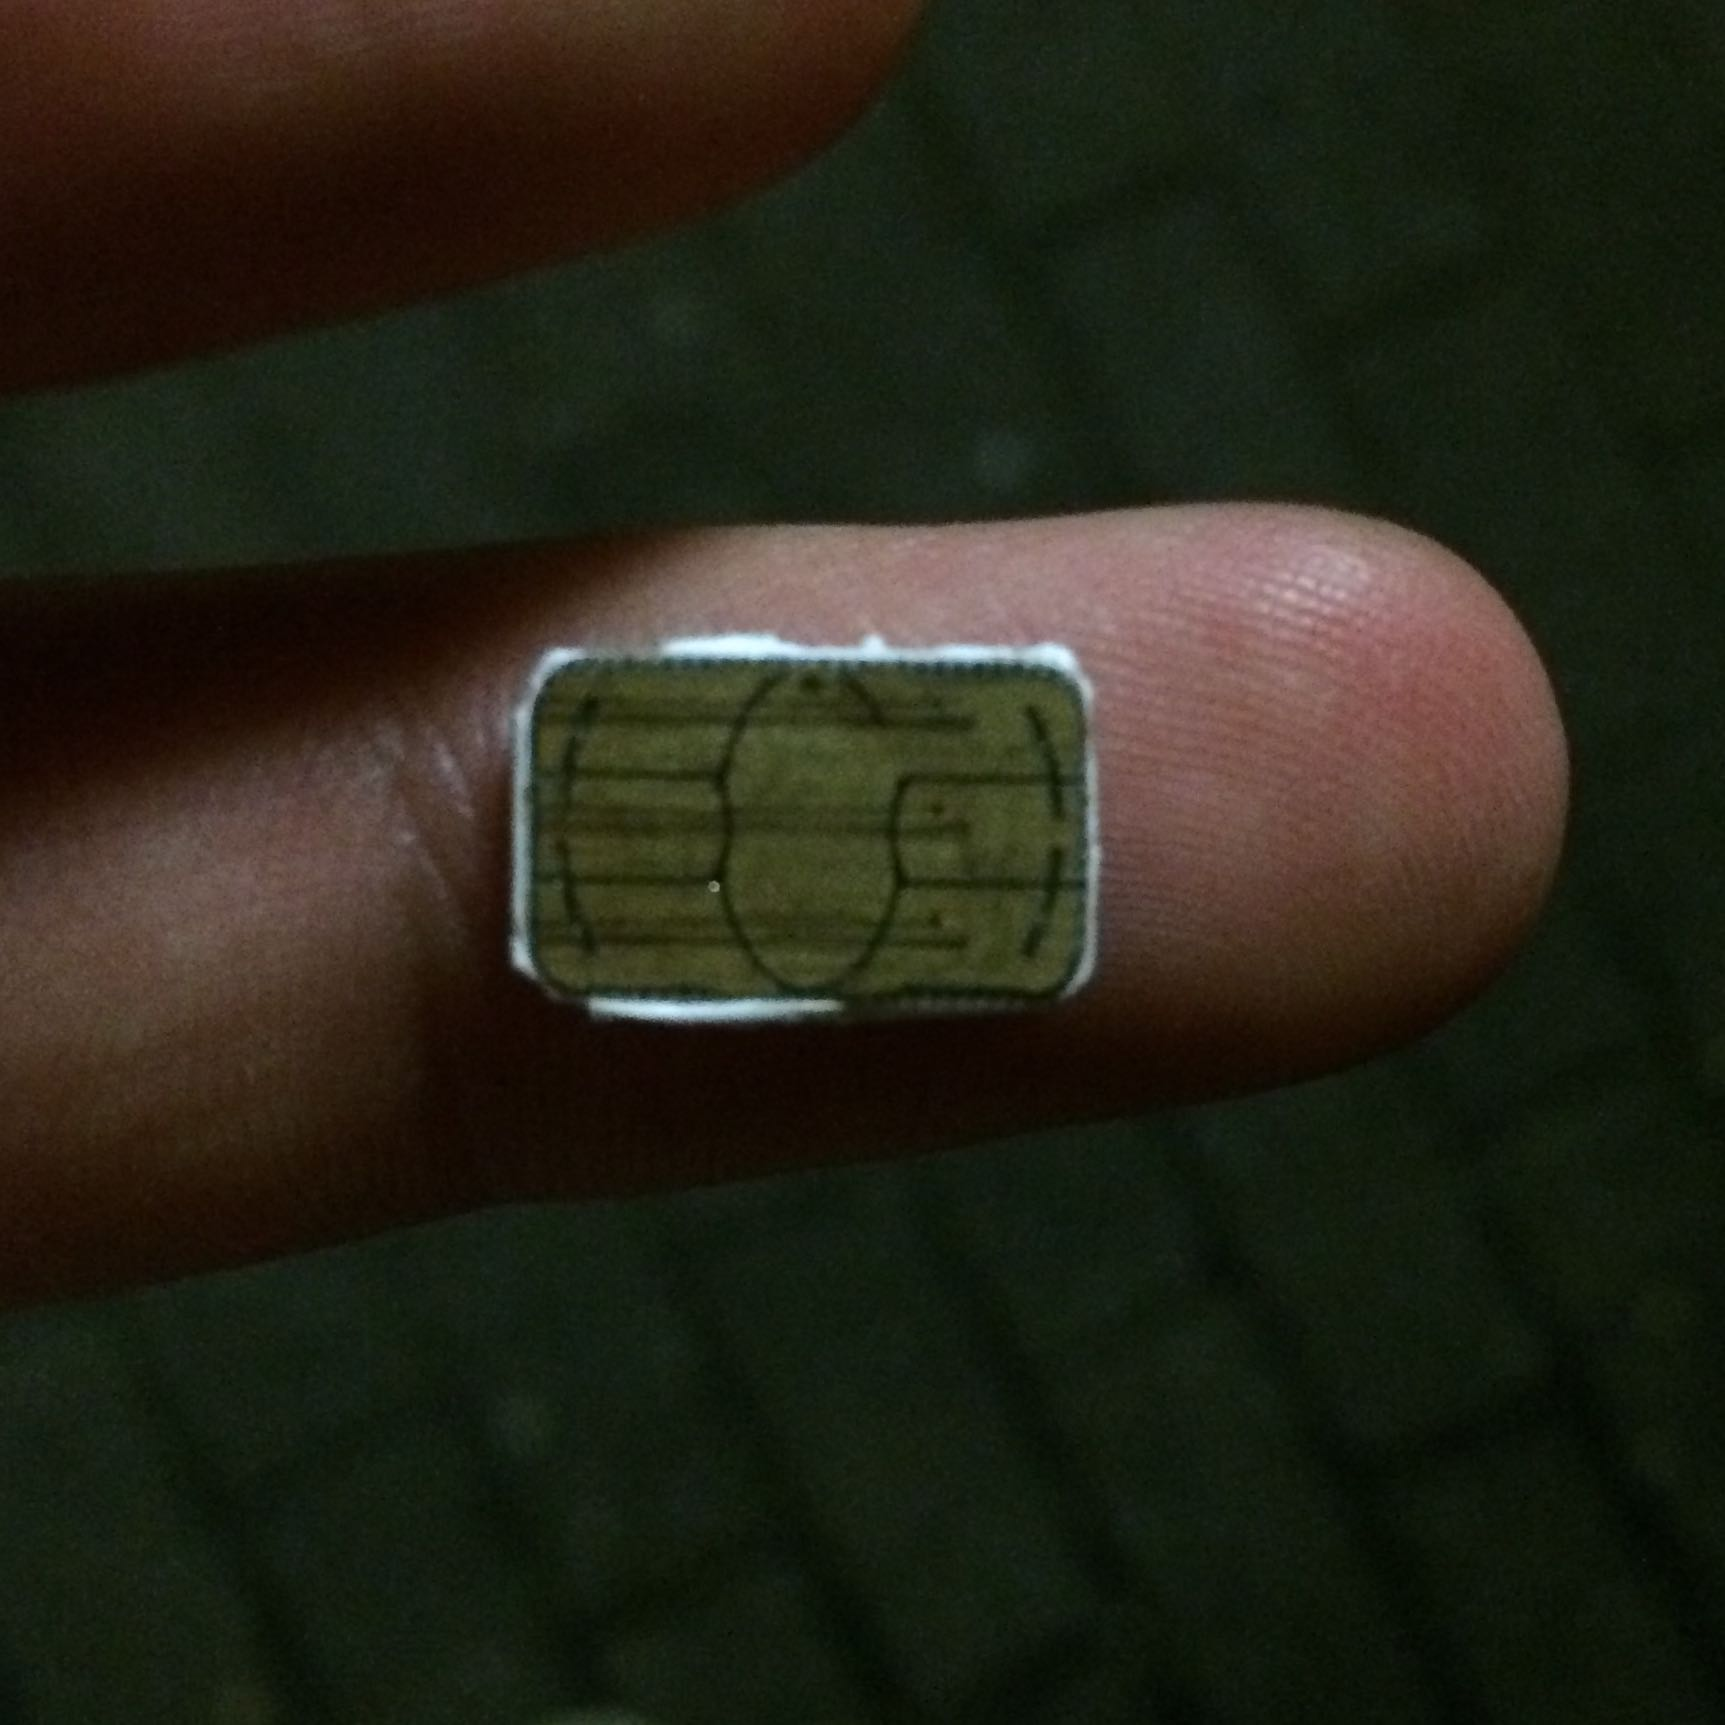 sim karte stanzen lassen saturn Kann man die Sim Karte zur Nano sim Stanzen? (Handy, SIM Karte